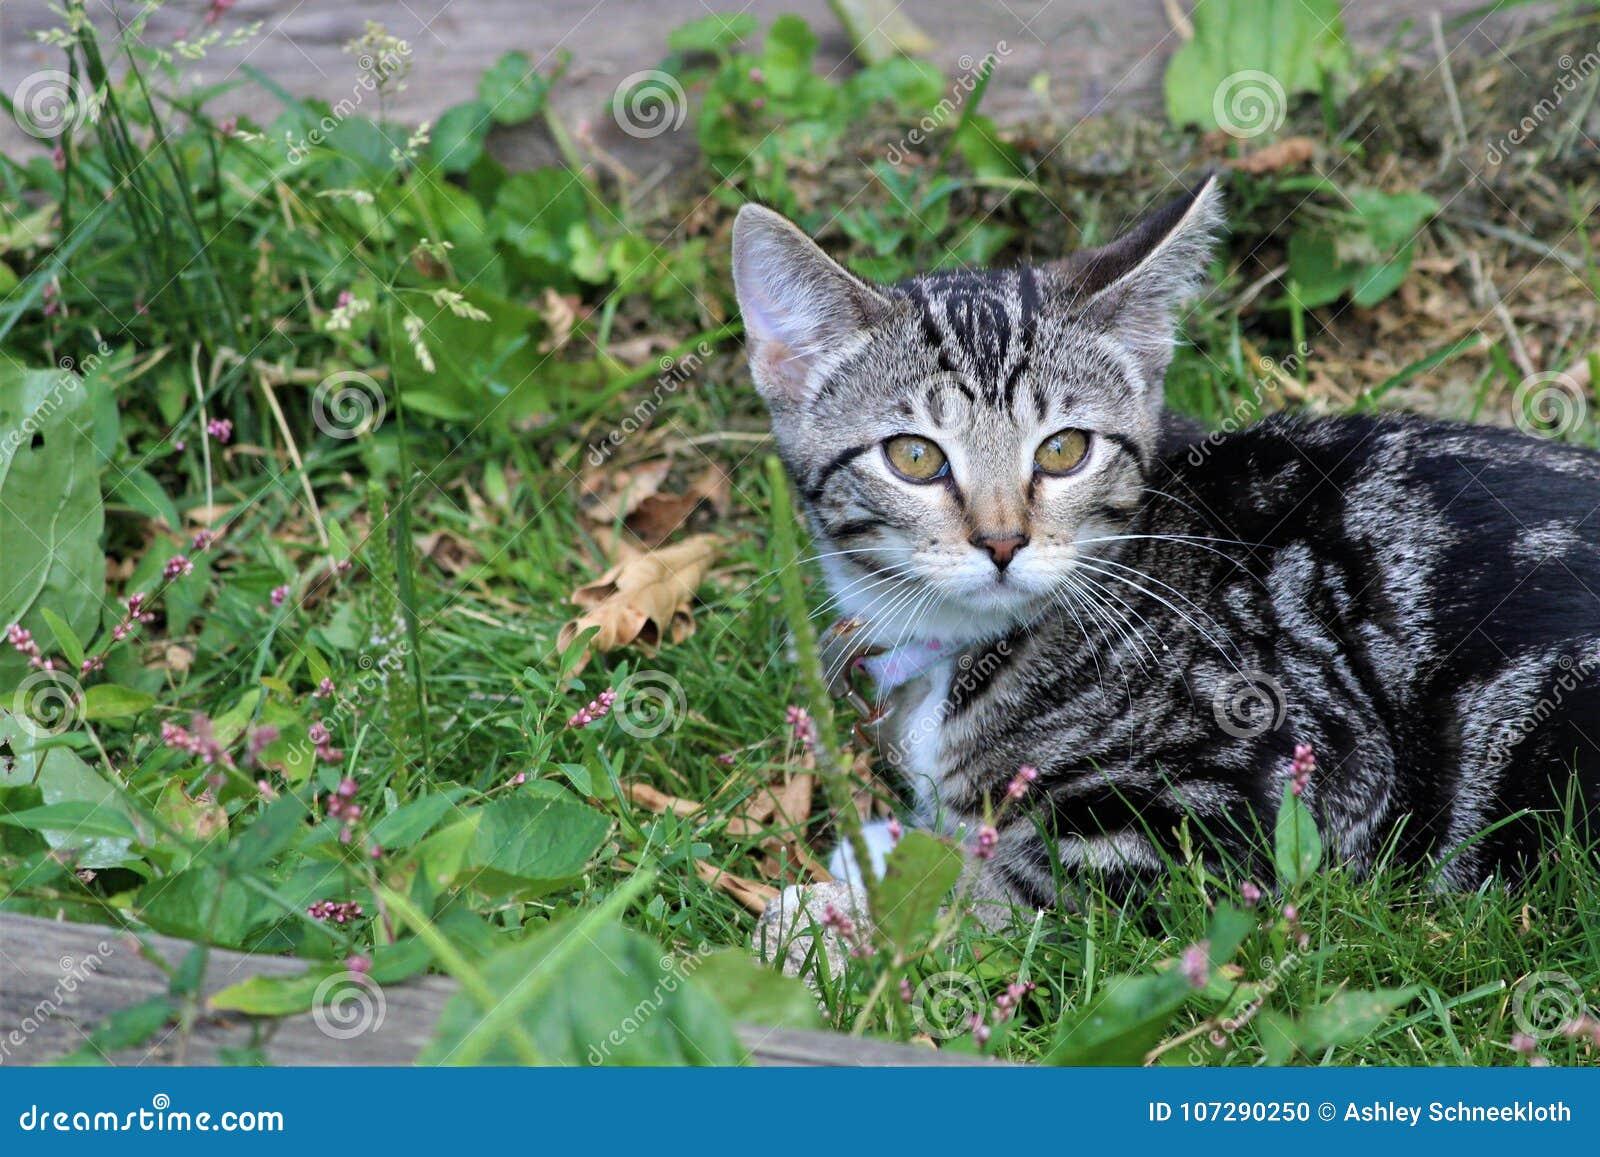 Mijn in openlucht Kitten Exploring